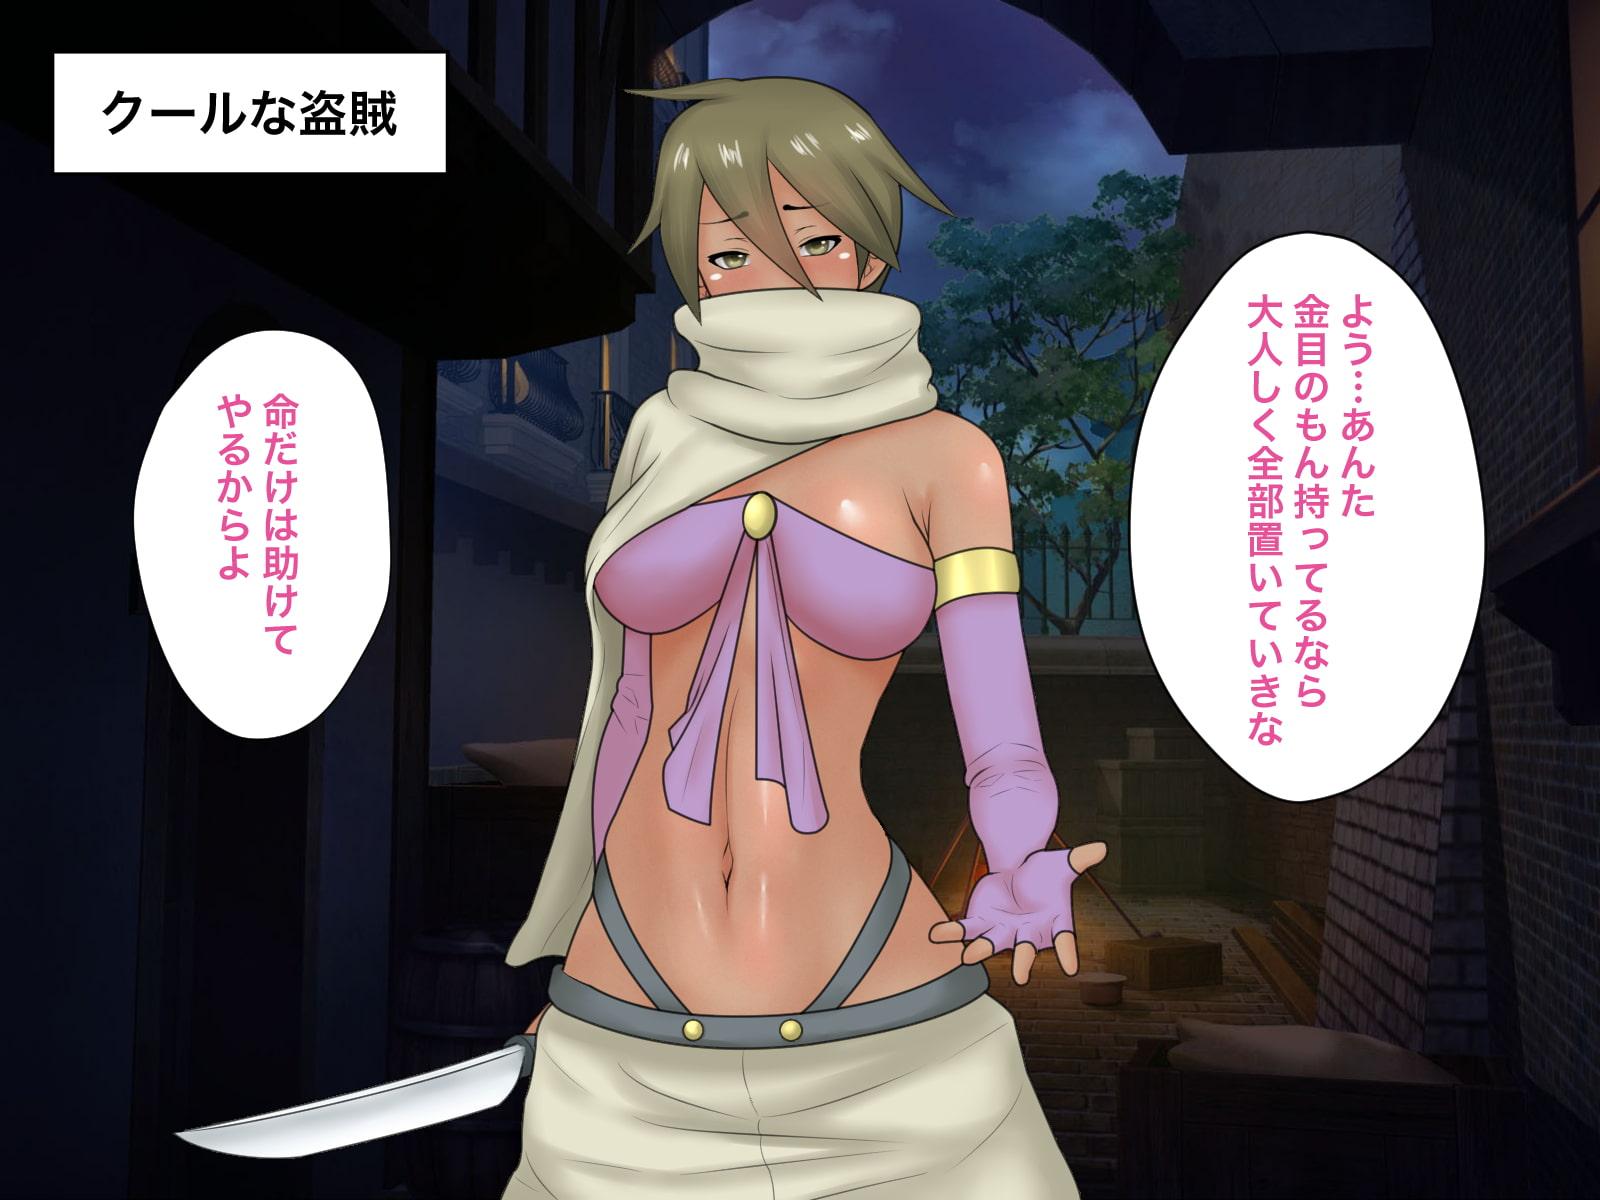 人ヲ固メテ飾リタイ2